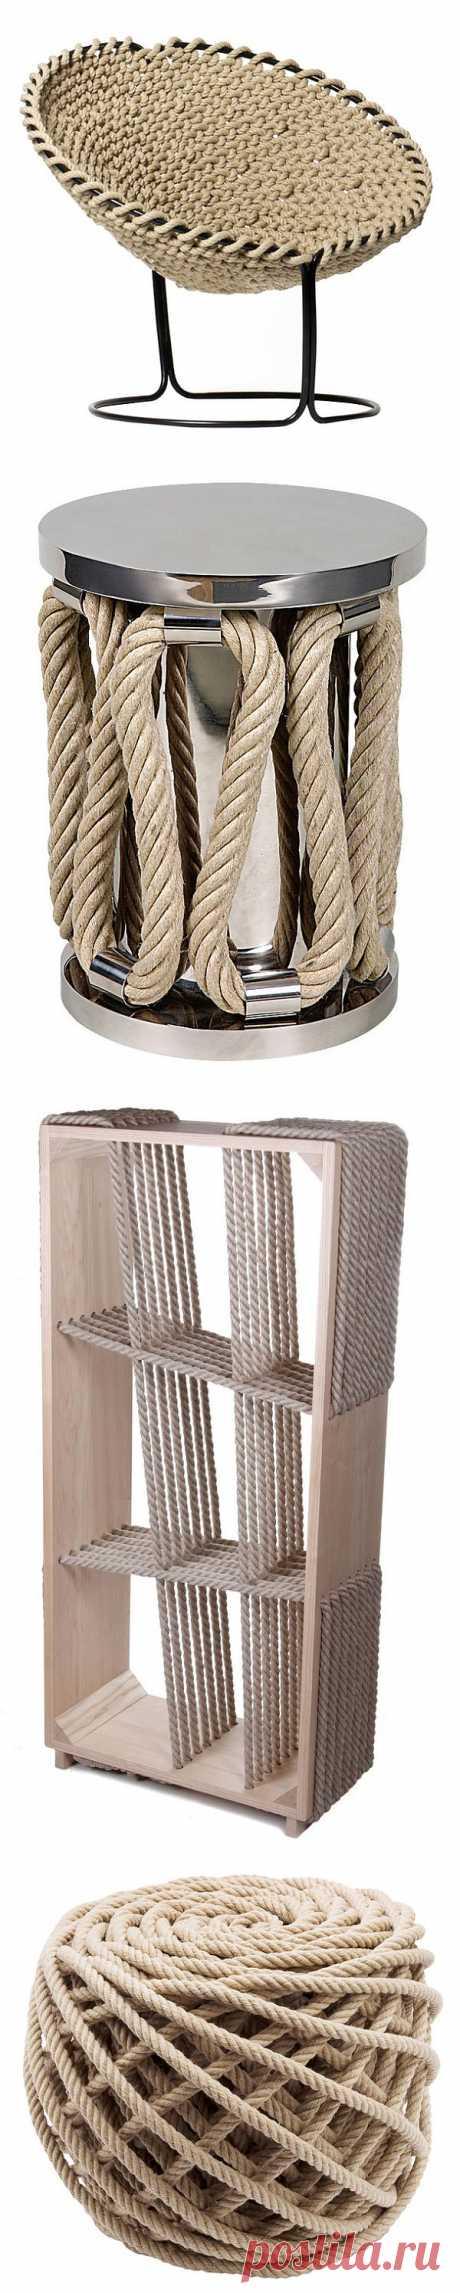 Тенденции дизайна: Веревки и канаты | Интерьеры в деталях в журнале AD | Ведущий международный журнал об архитектуре и дизайне интерьеров